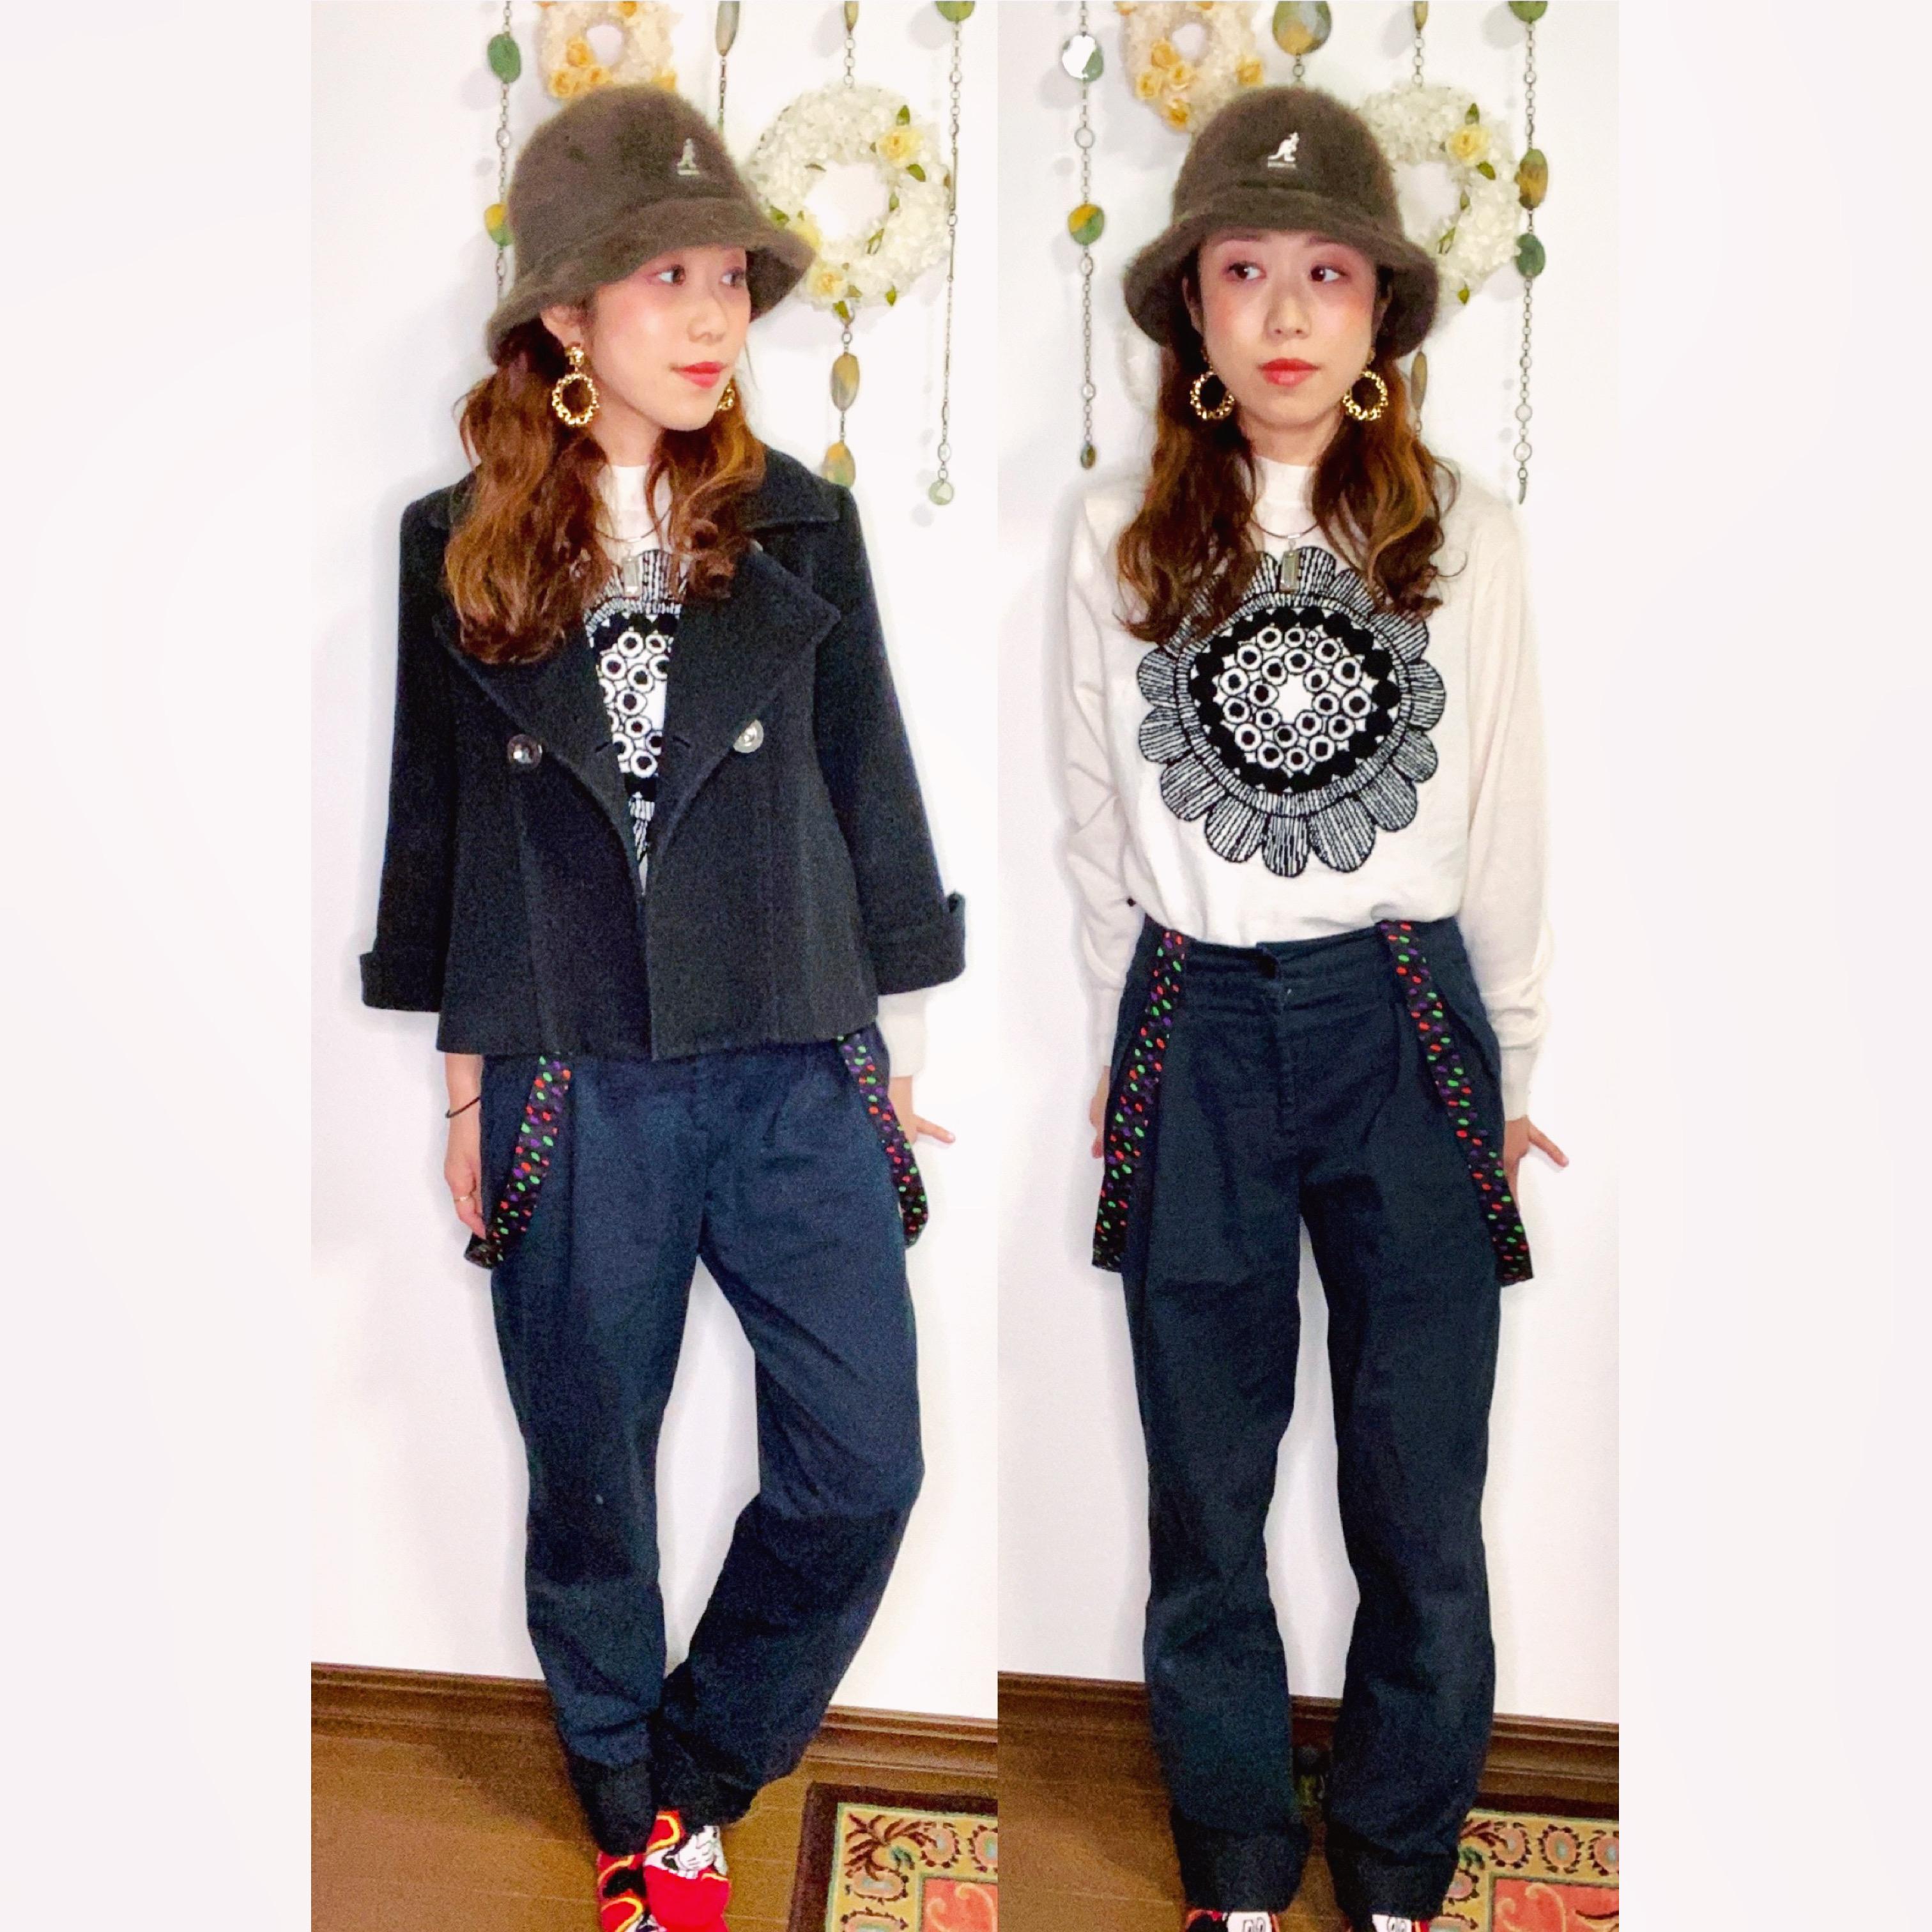 【オンナノコの休日ファッション】2020.10.17【うたうゆきこ】_1